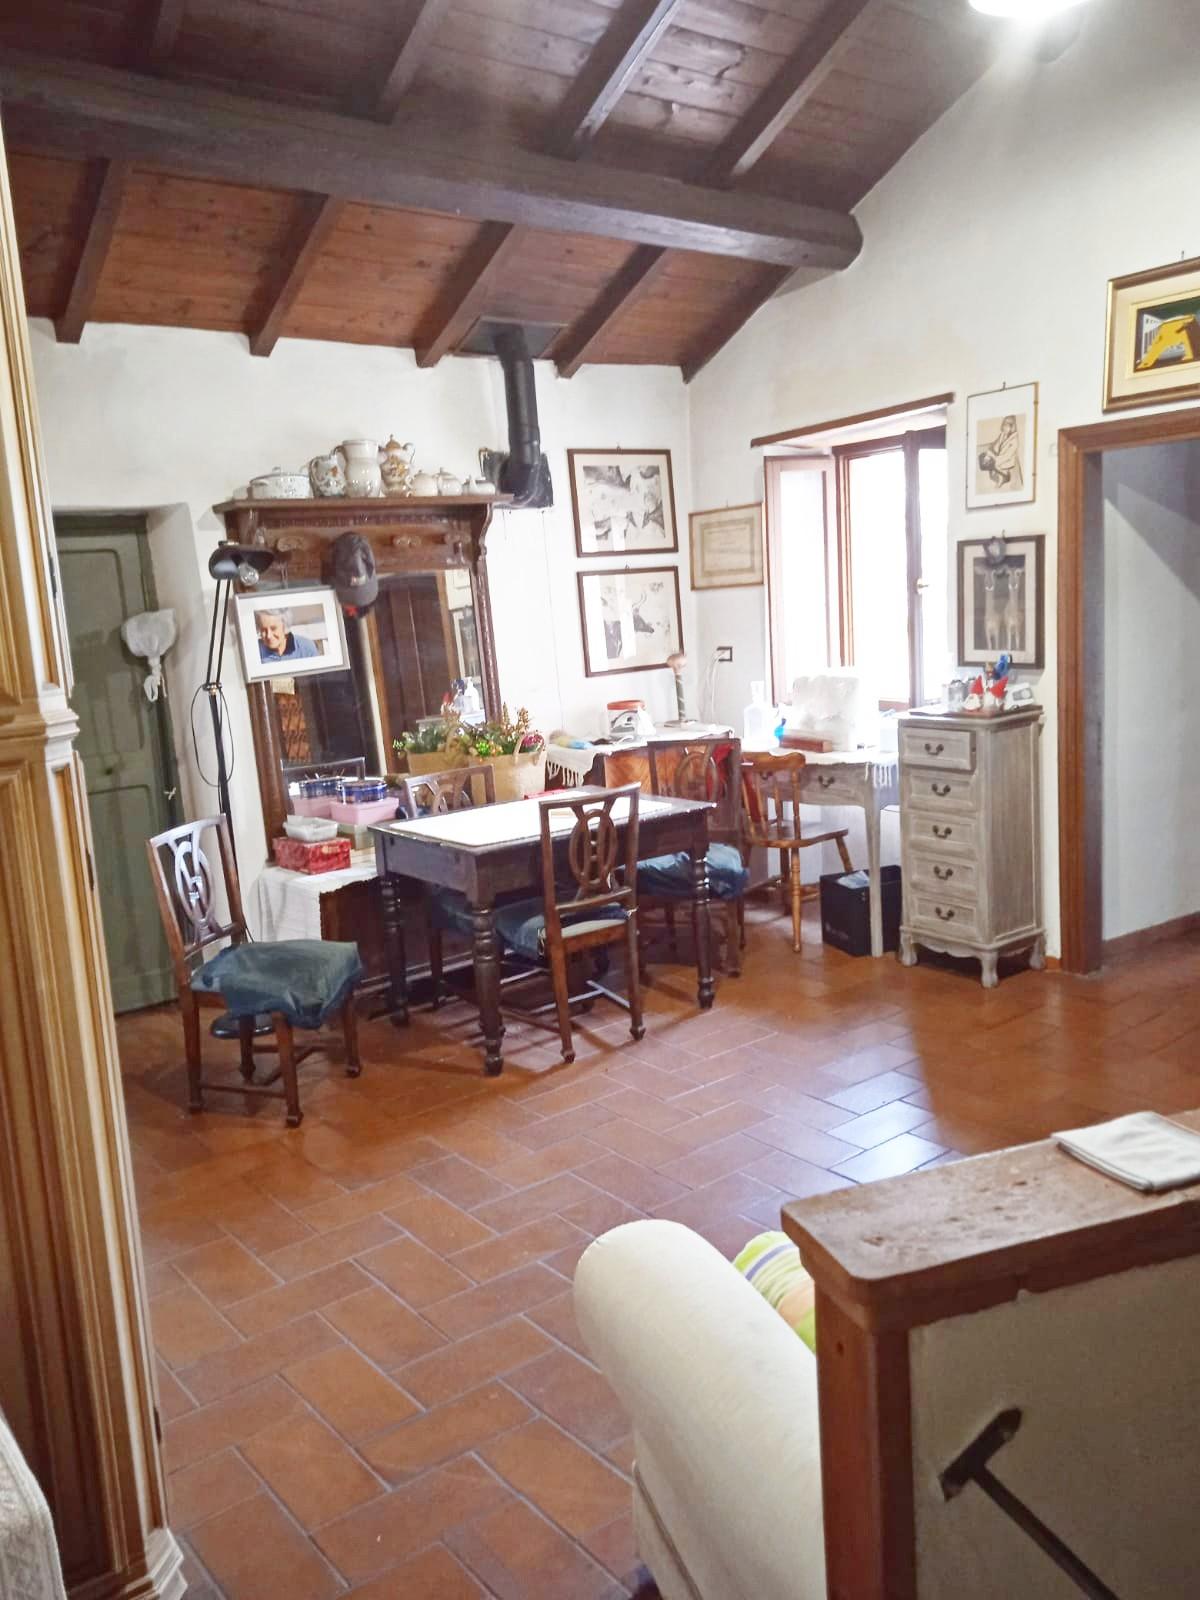 Greccio: Appartamento indipendente su due livelli (Rif.2230)